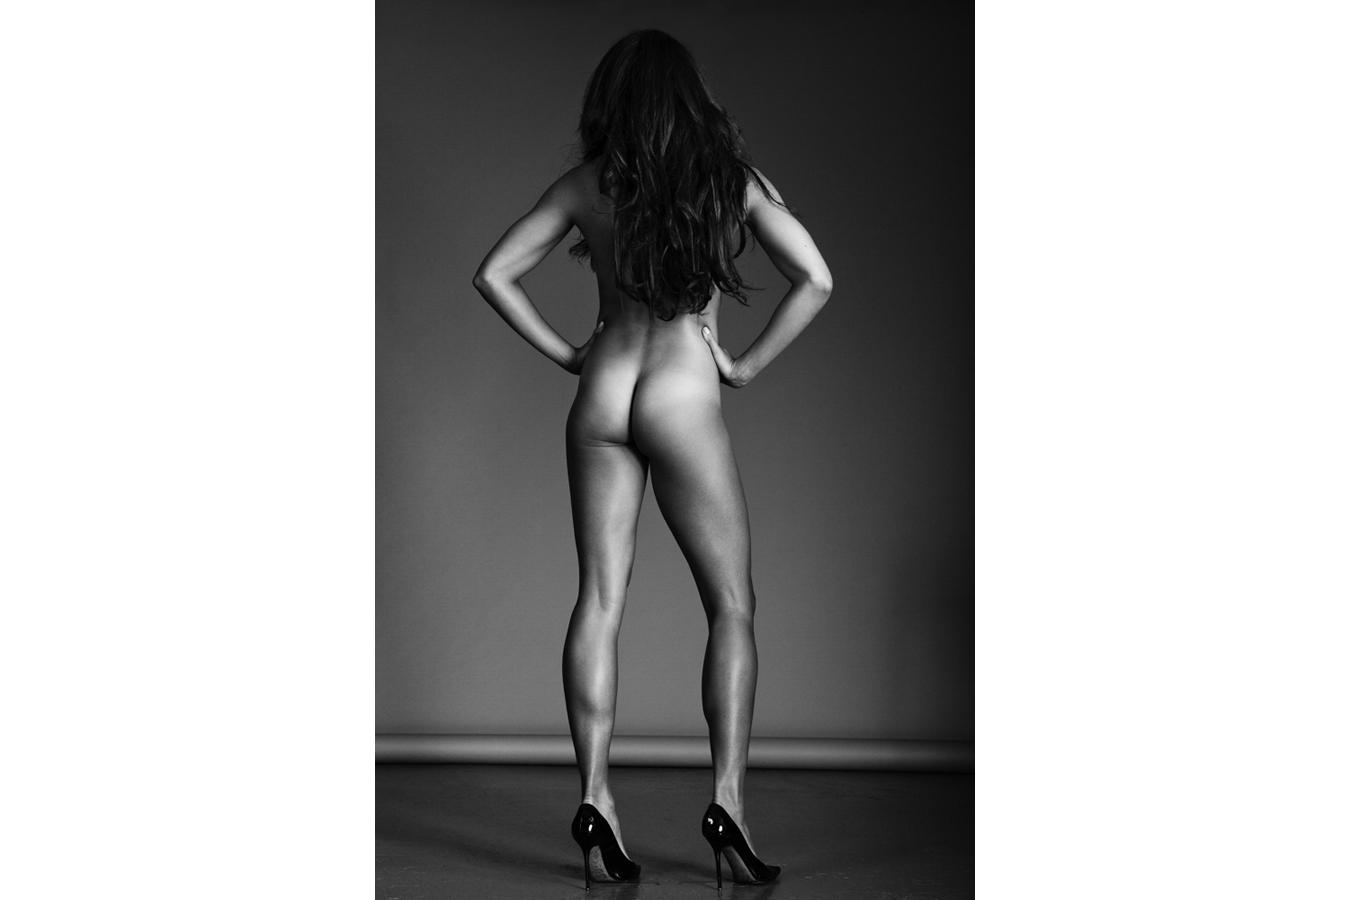 Kimberly wyatt nude fakes are mistaken